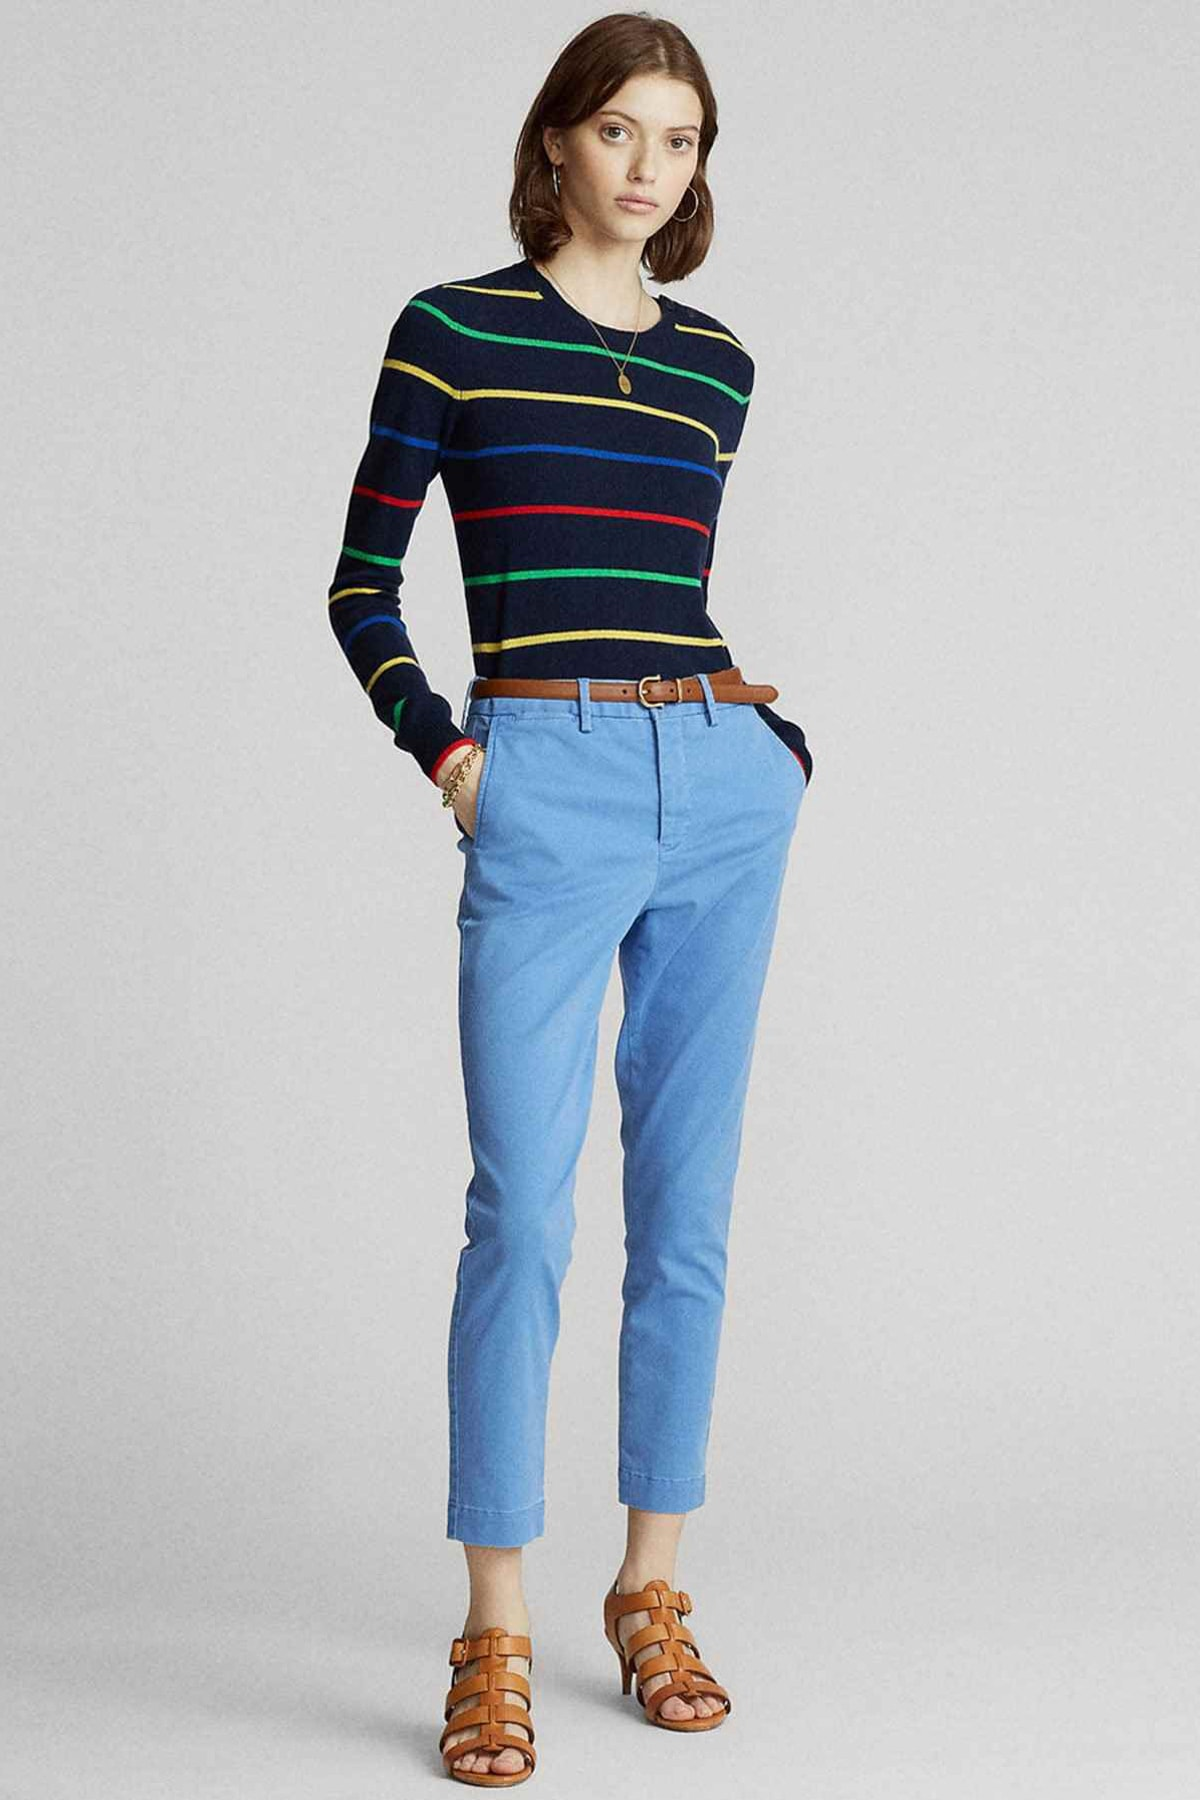 Polo Ralph Lauren Kadın Mavi Pantolon 4482832859188 1